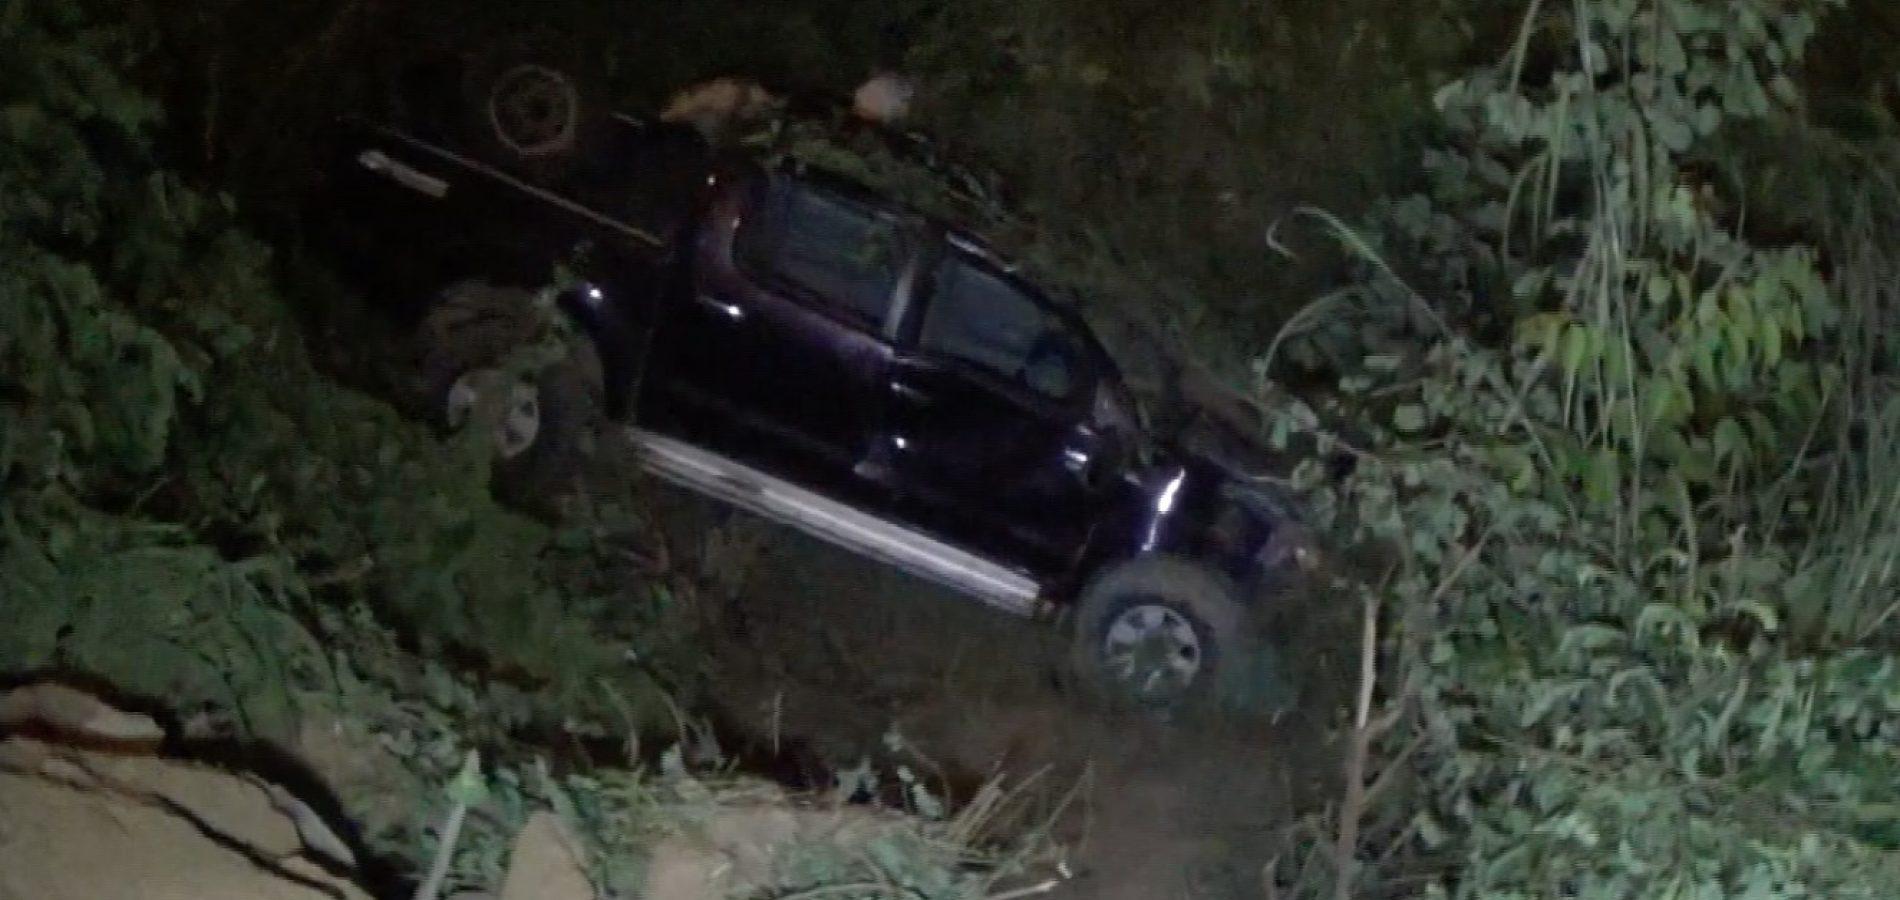 Veículo cai em barranco e deixa quatro pessoas feridas no Piauí